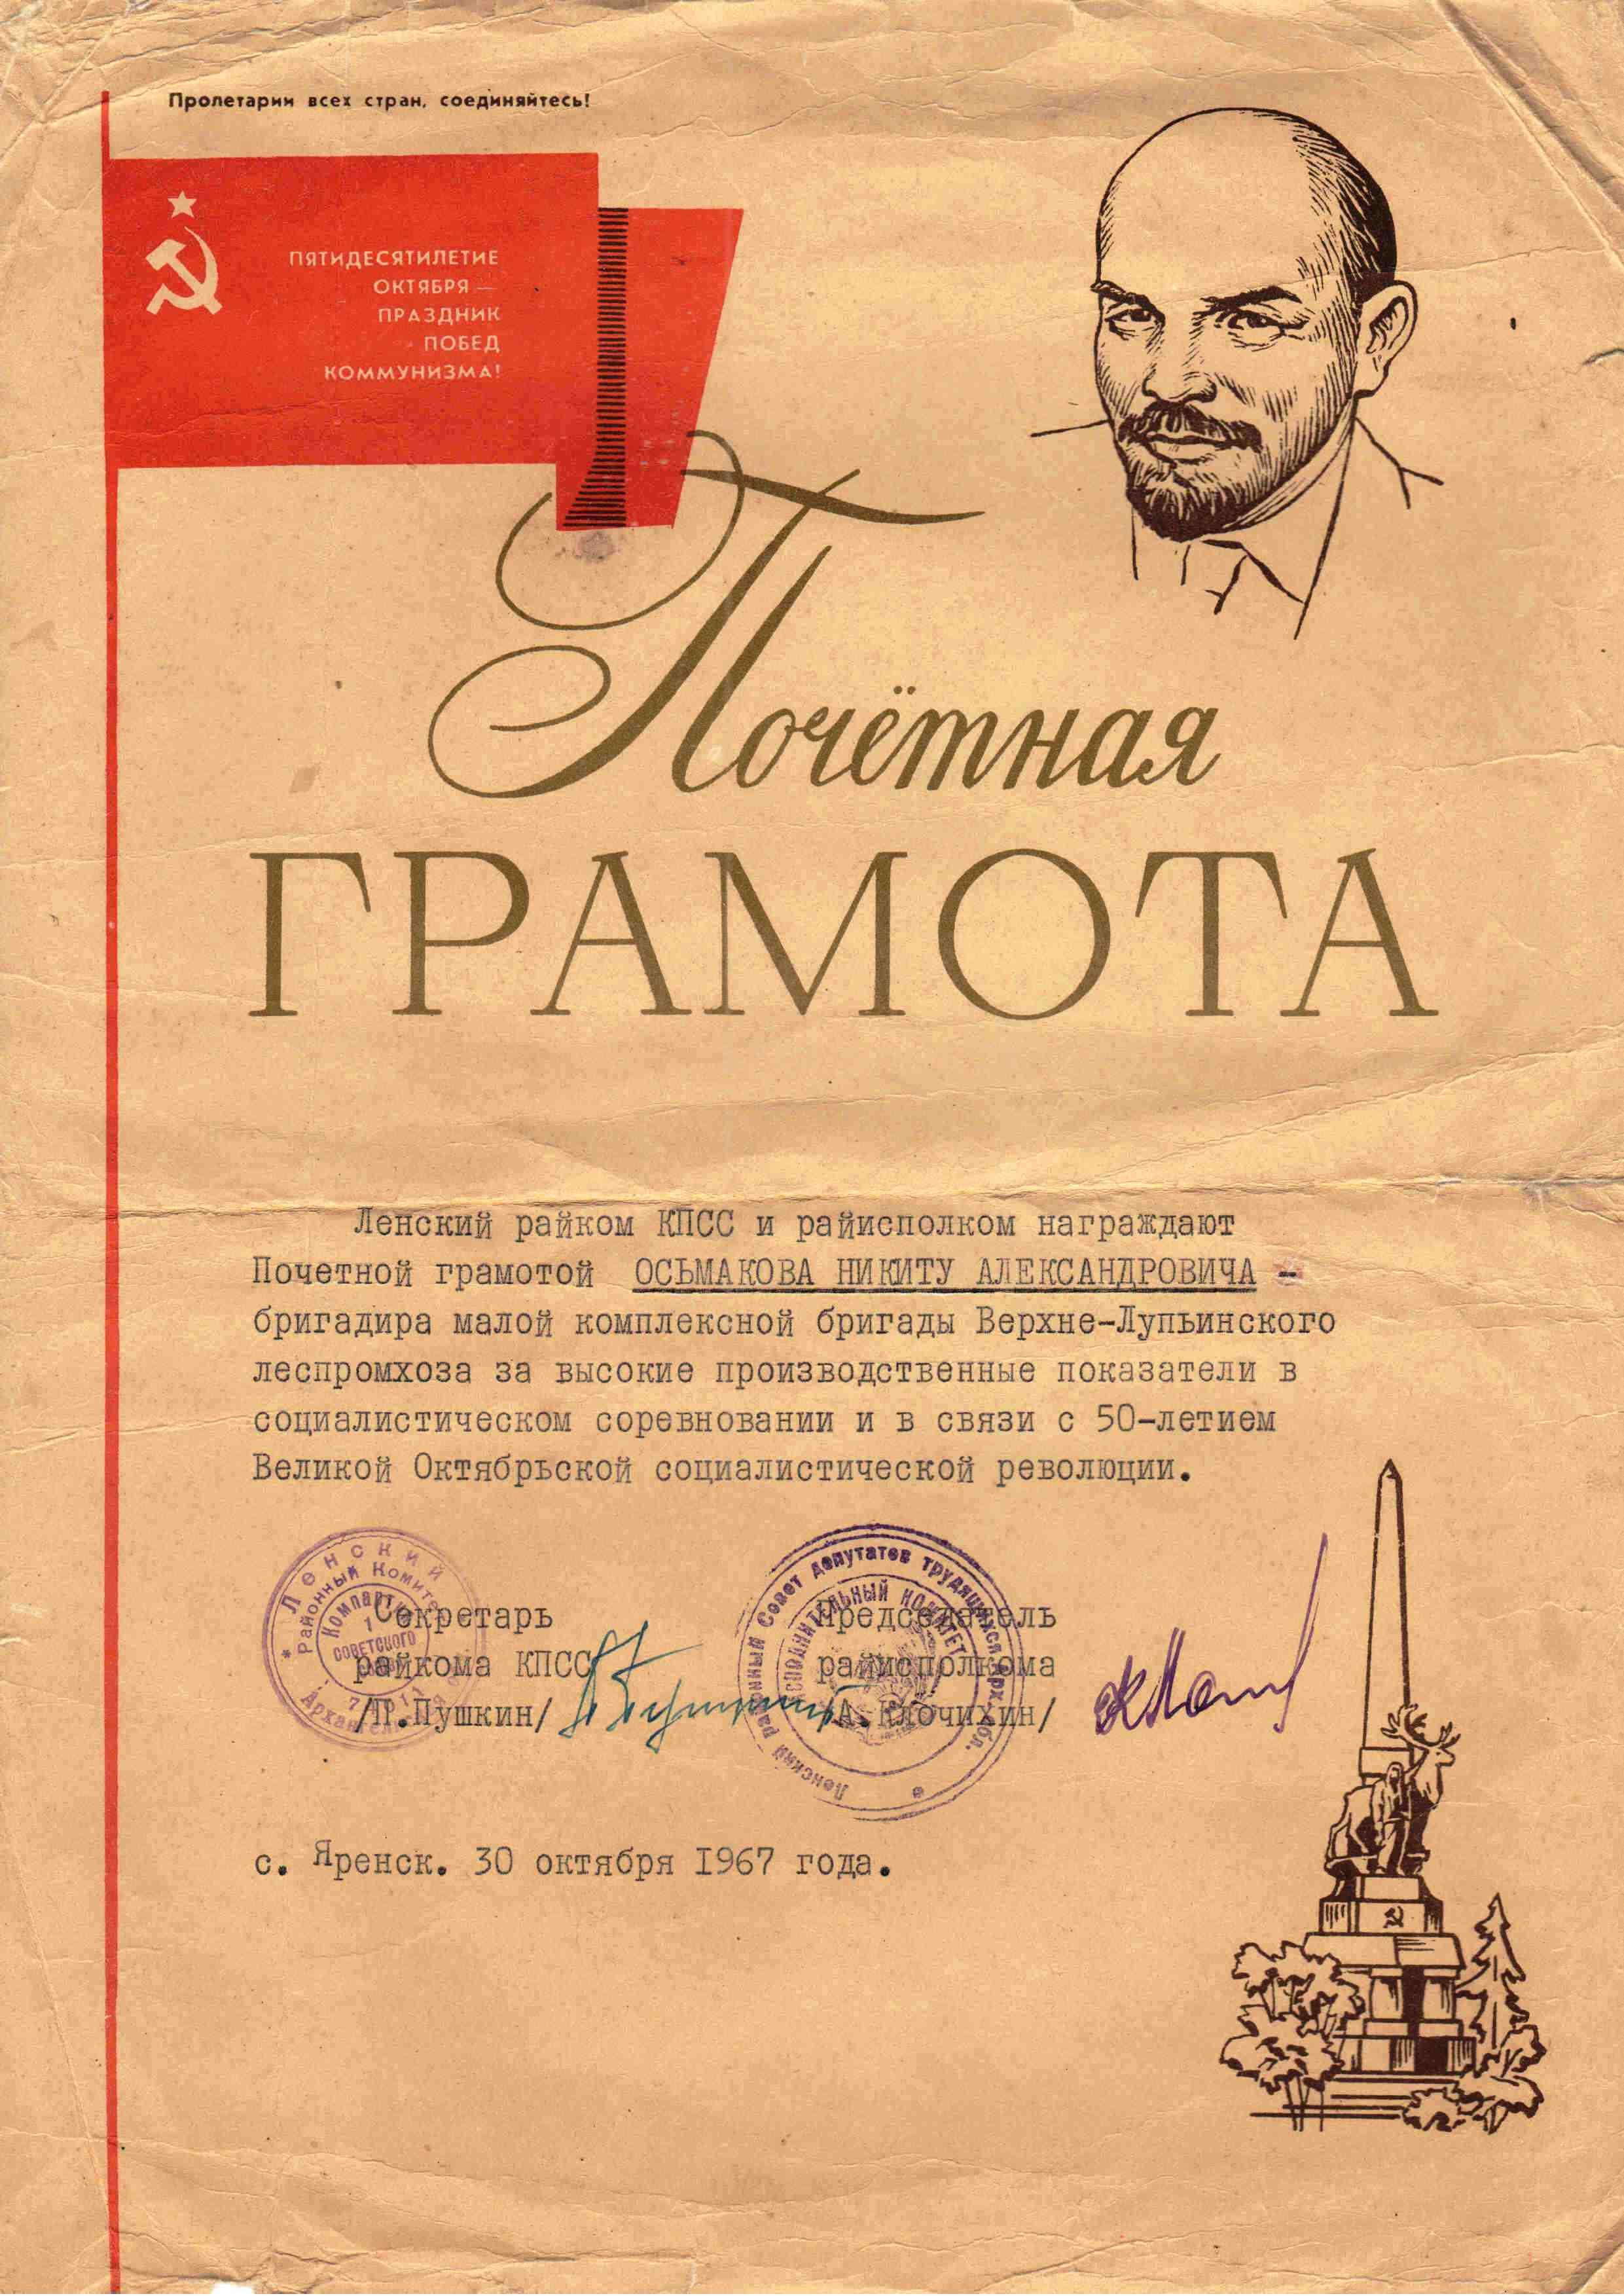 37. Почетная грамота, 1967 г.